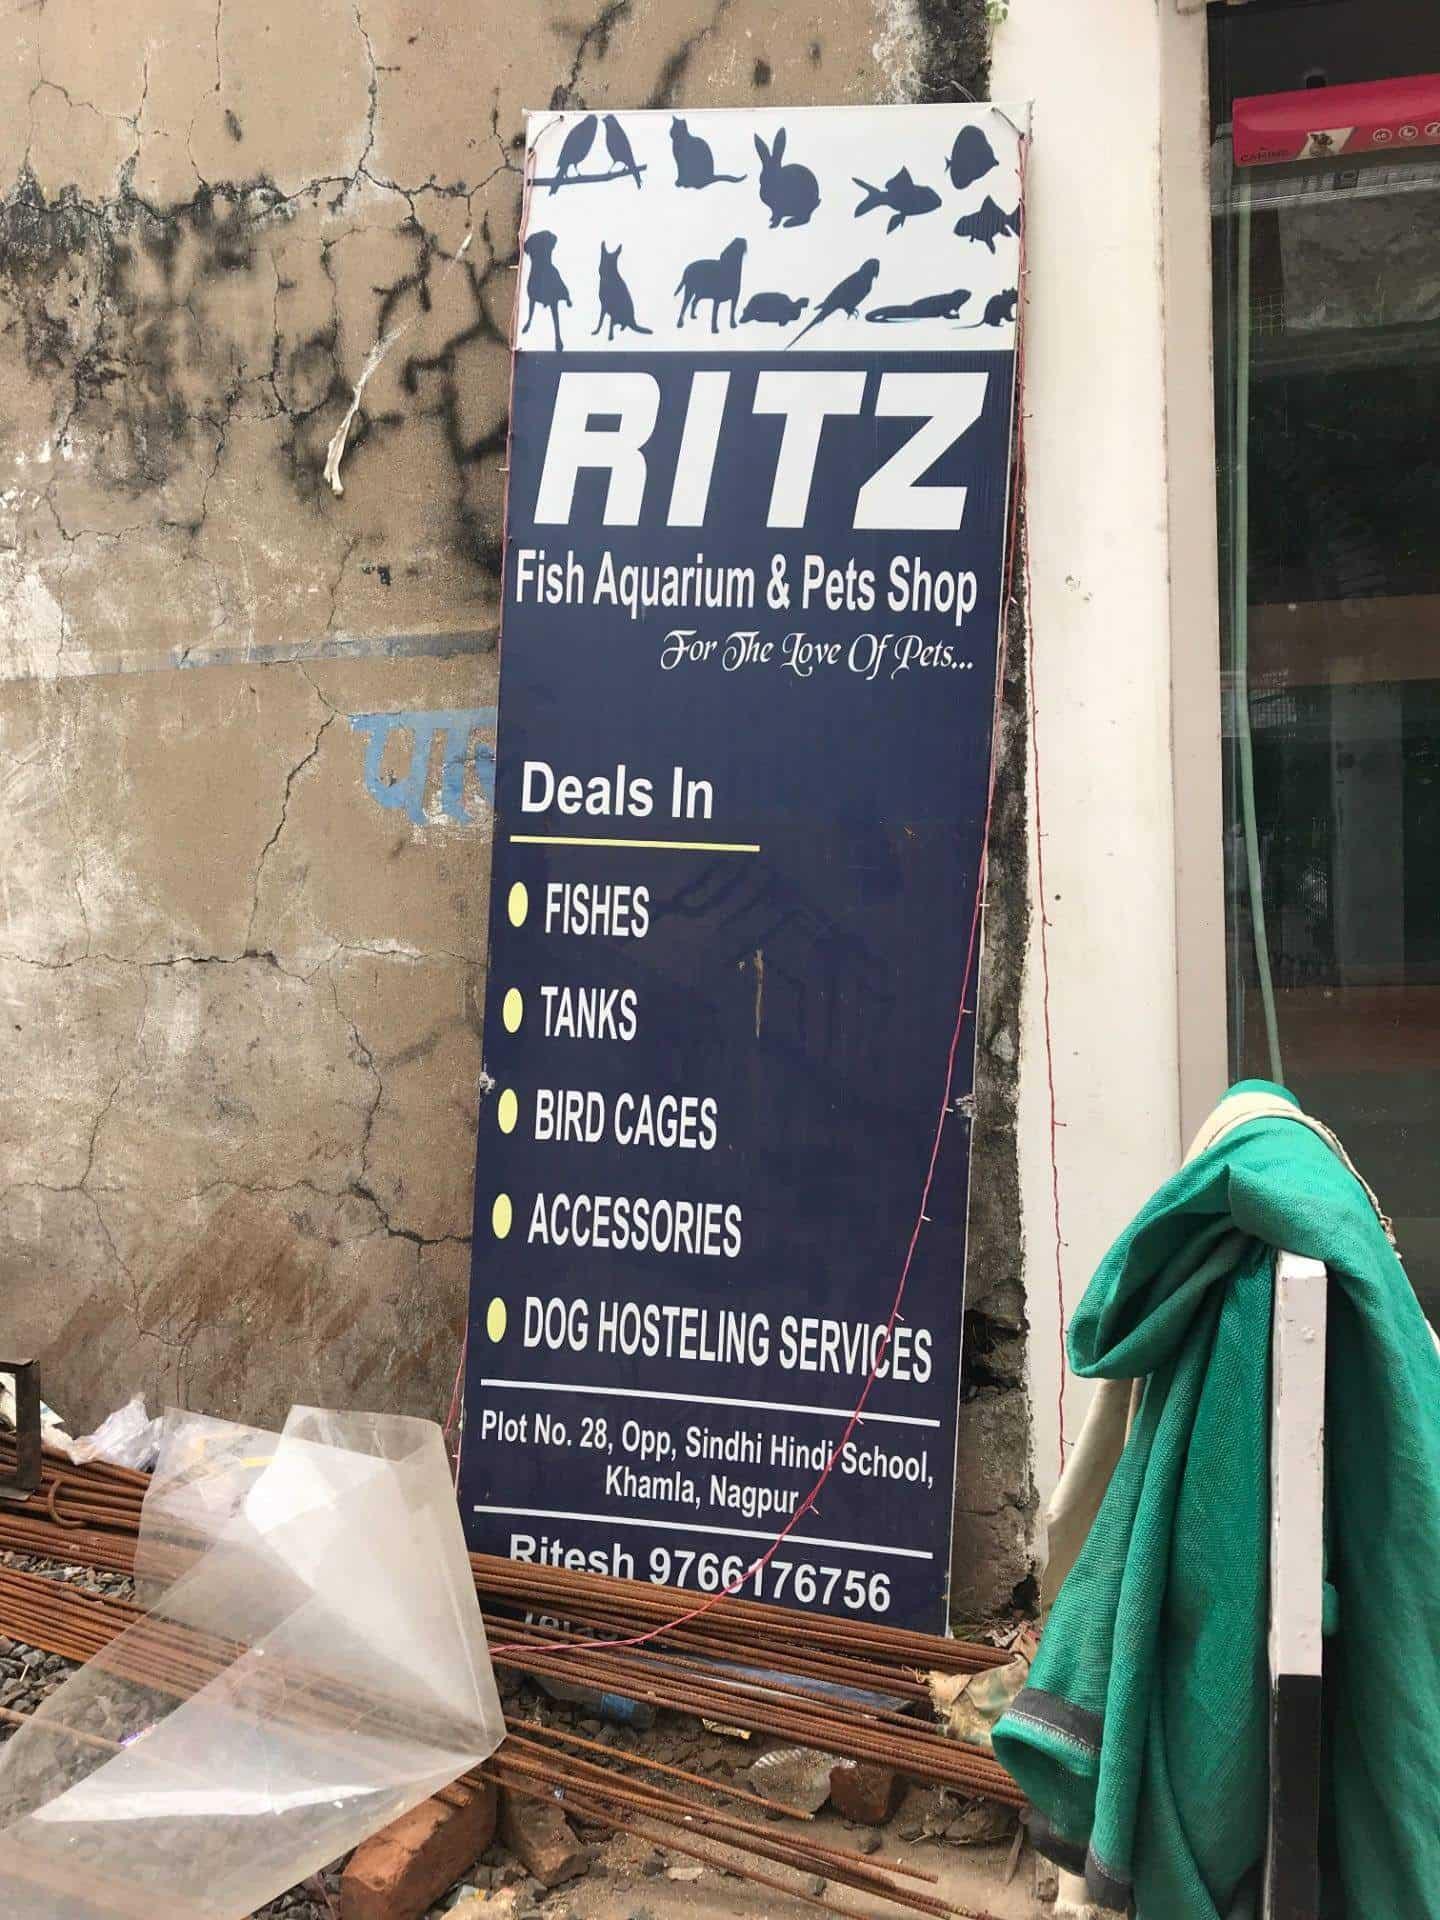 Ritz Fish Aquarium & Pets Shop, Near Sindhi Hindi School - Aquariums